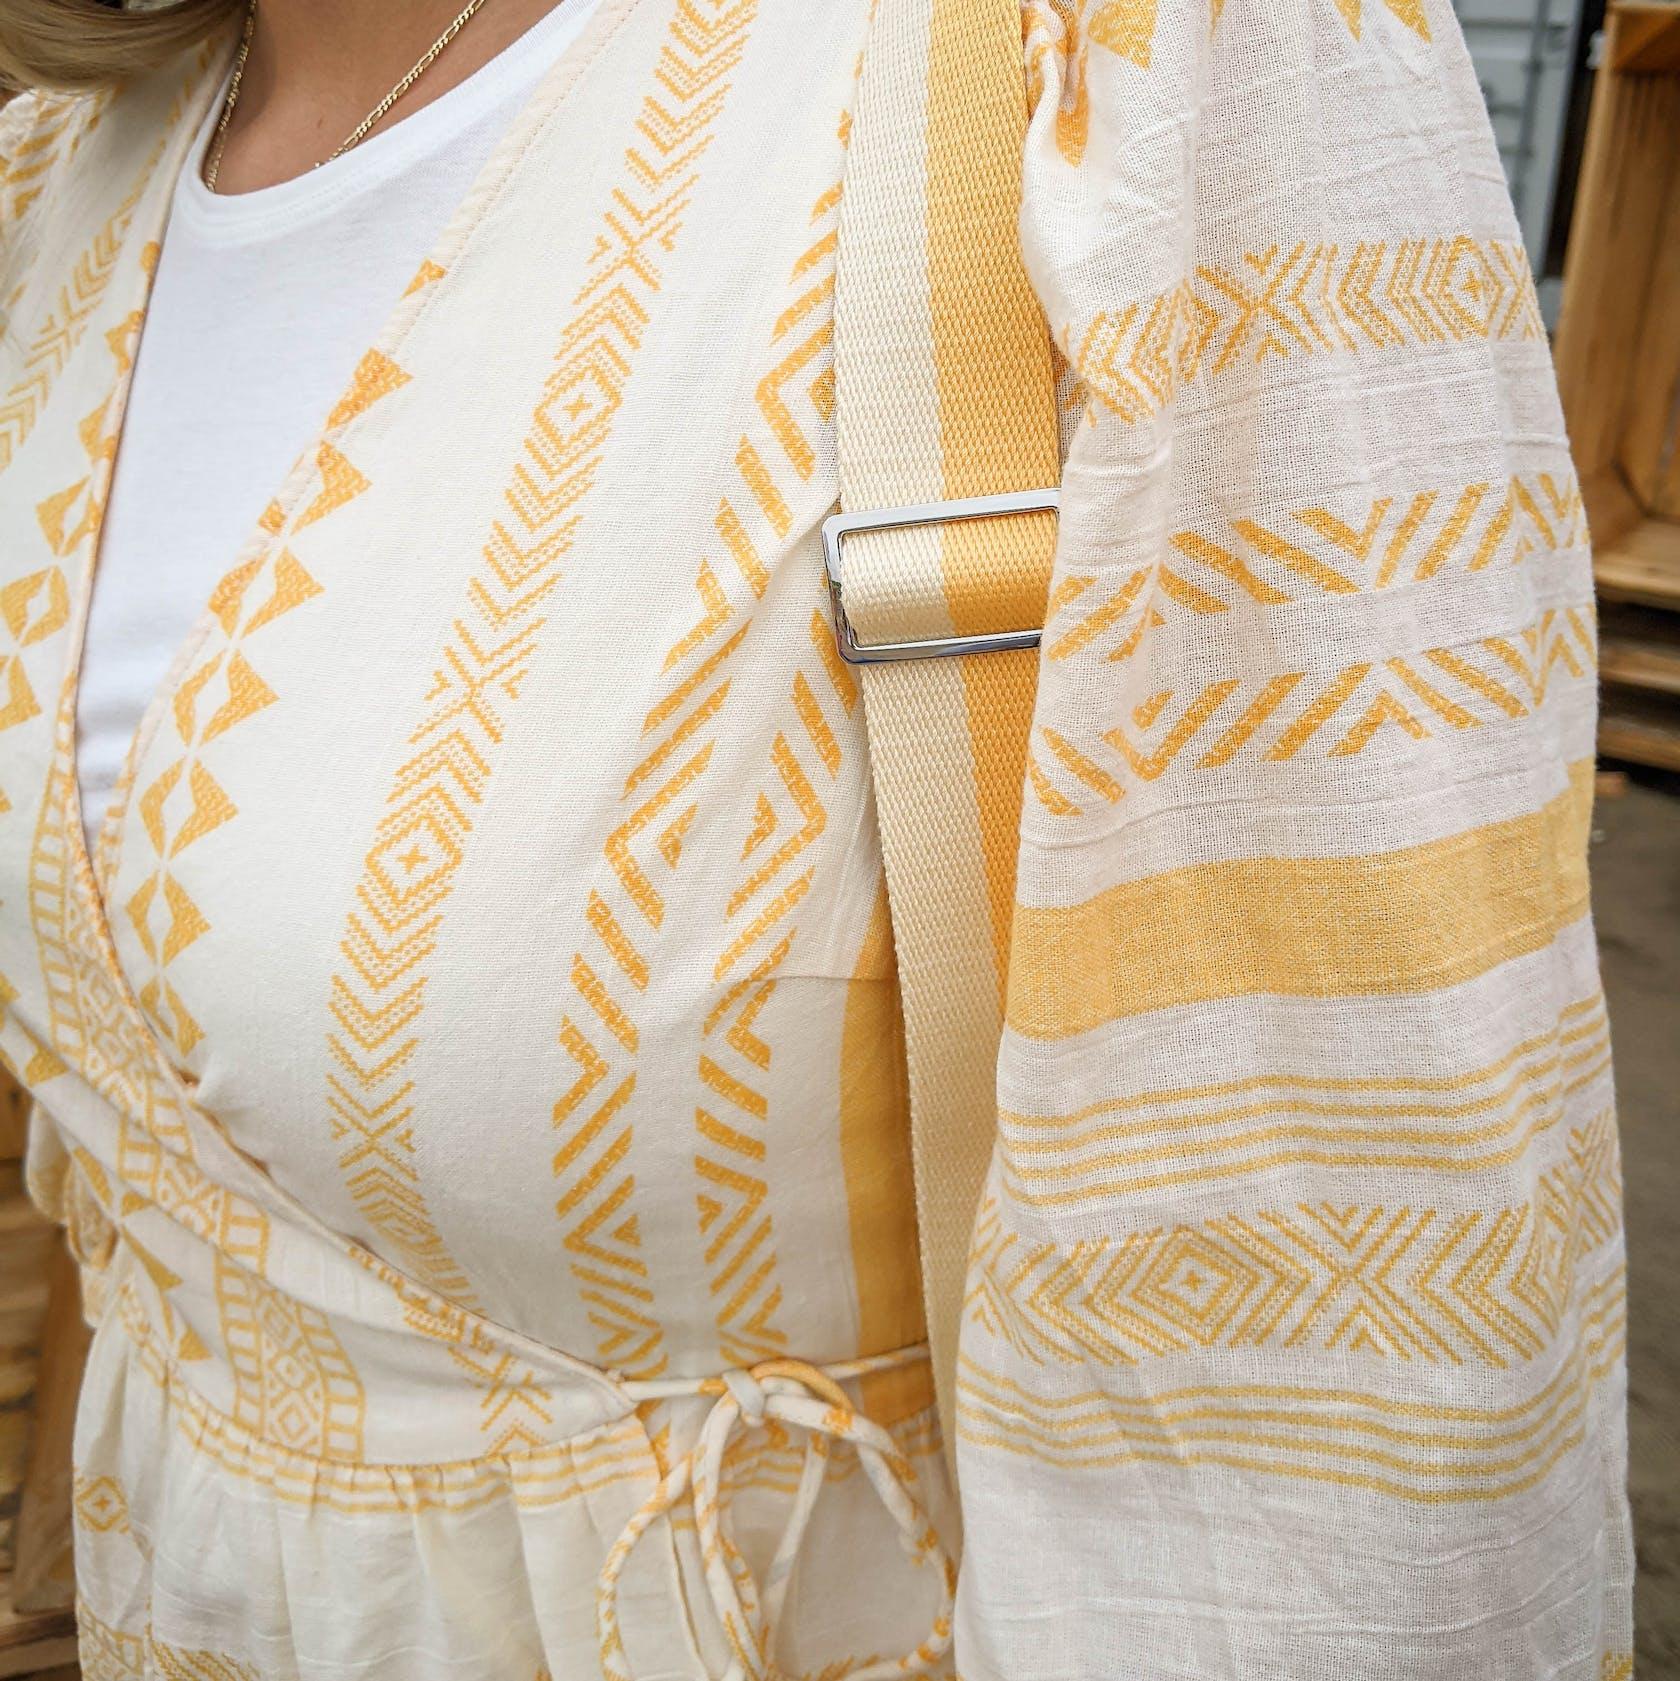 gelb-weiße Bluse von Vero Moda